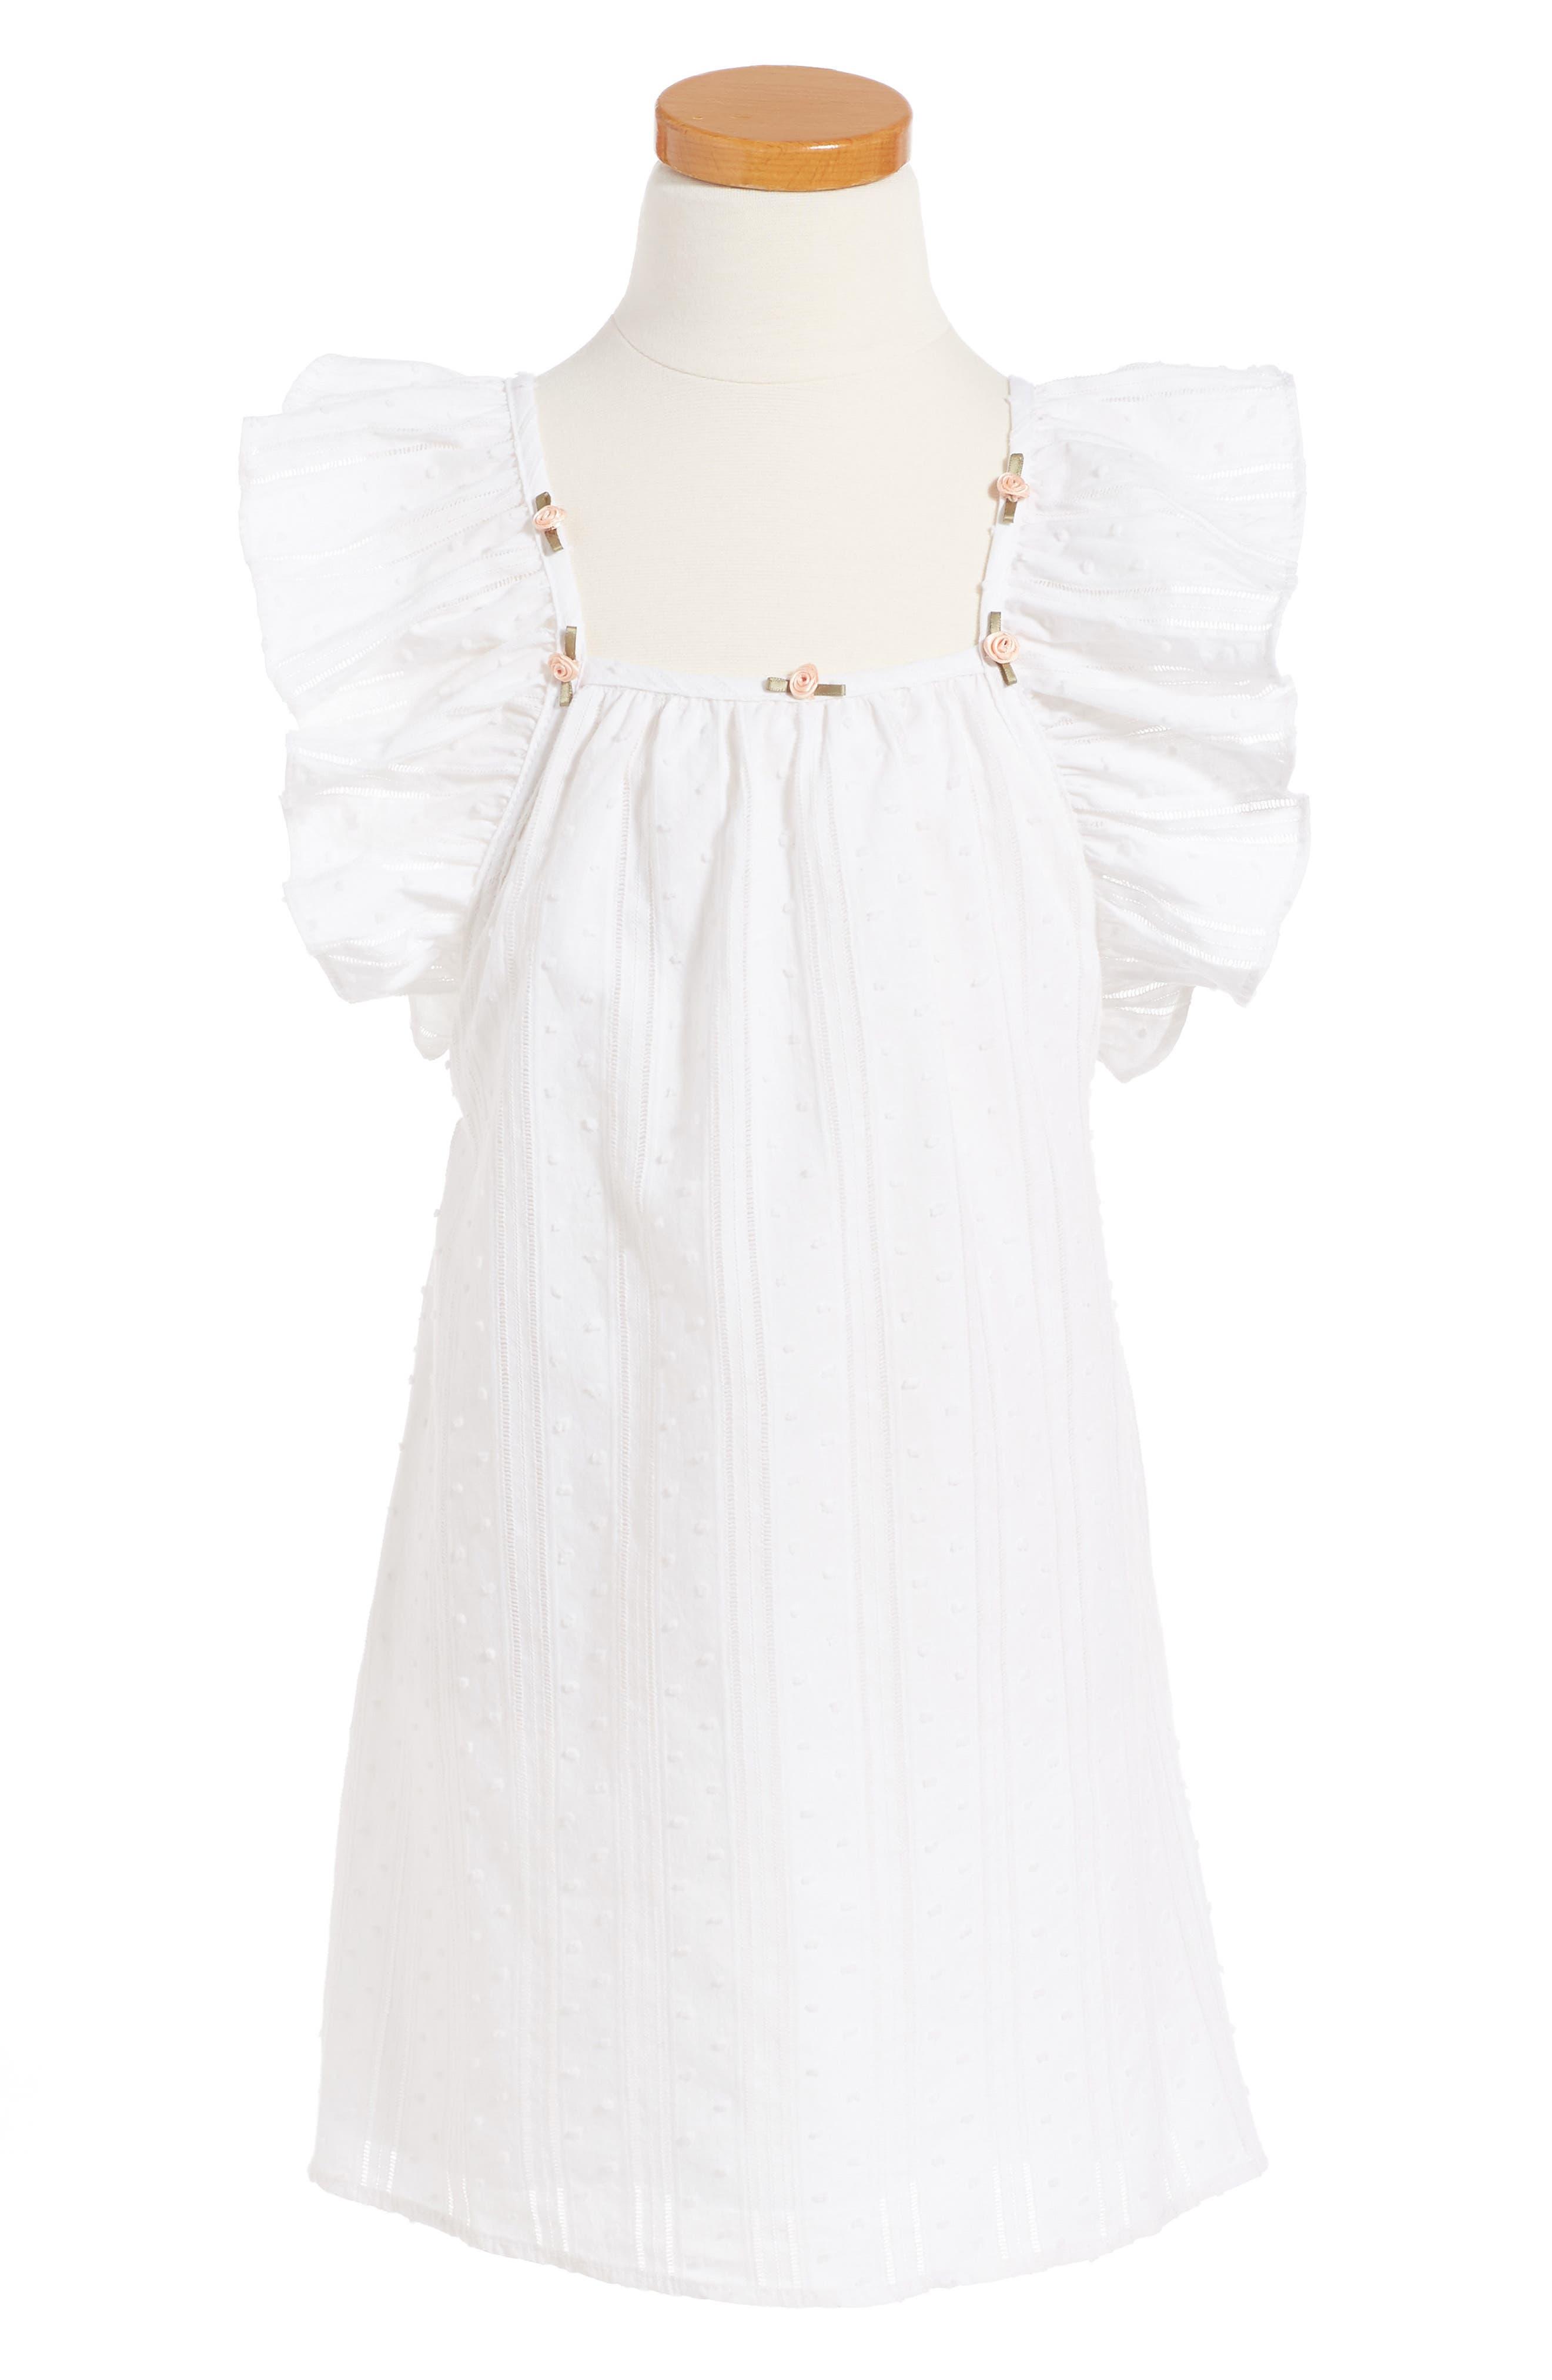 For Love & Lemons Rosette Tank Dress (Toddler Girls & Little Girls)